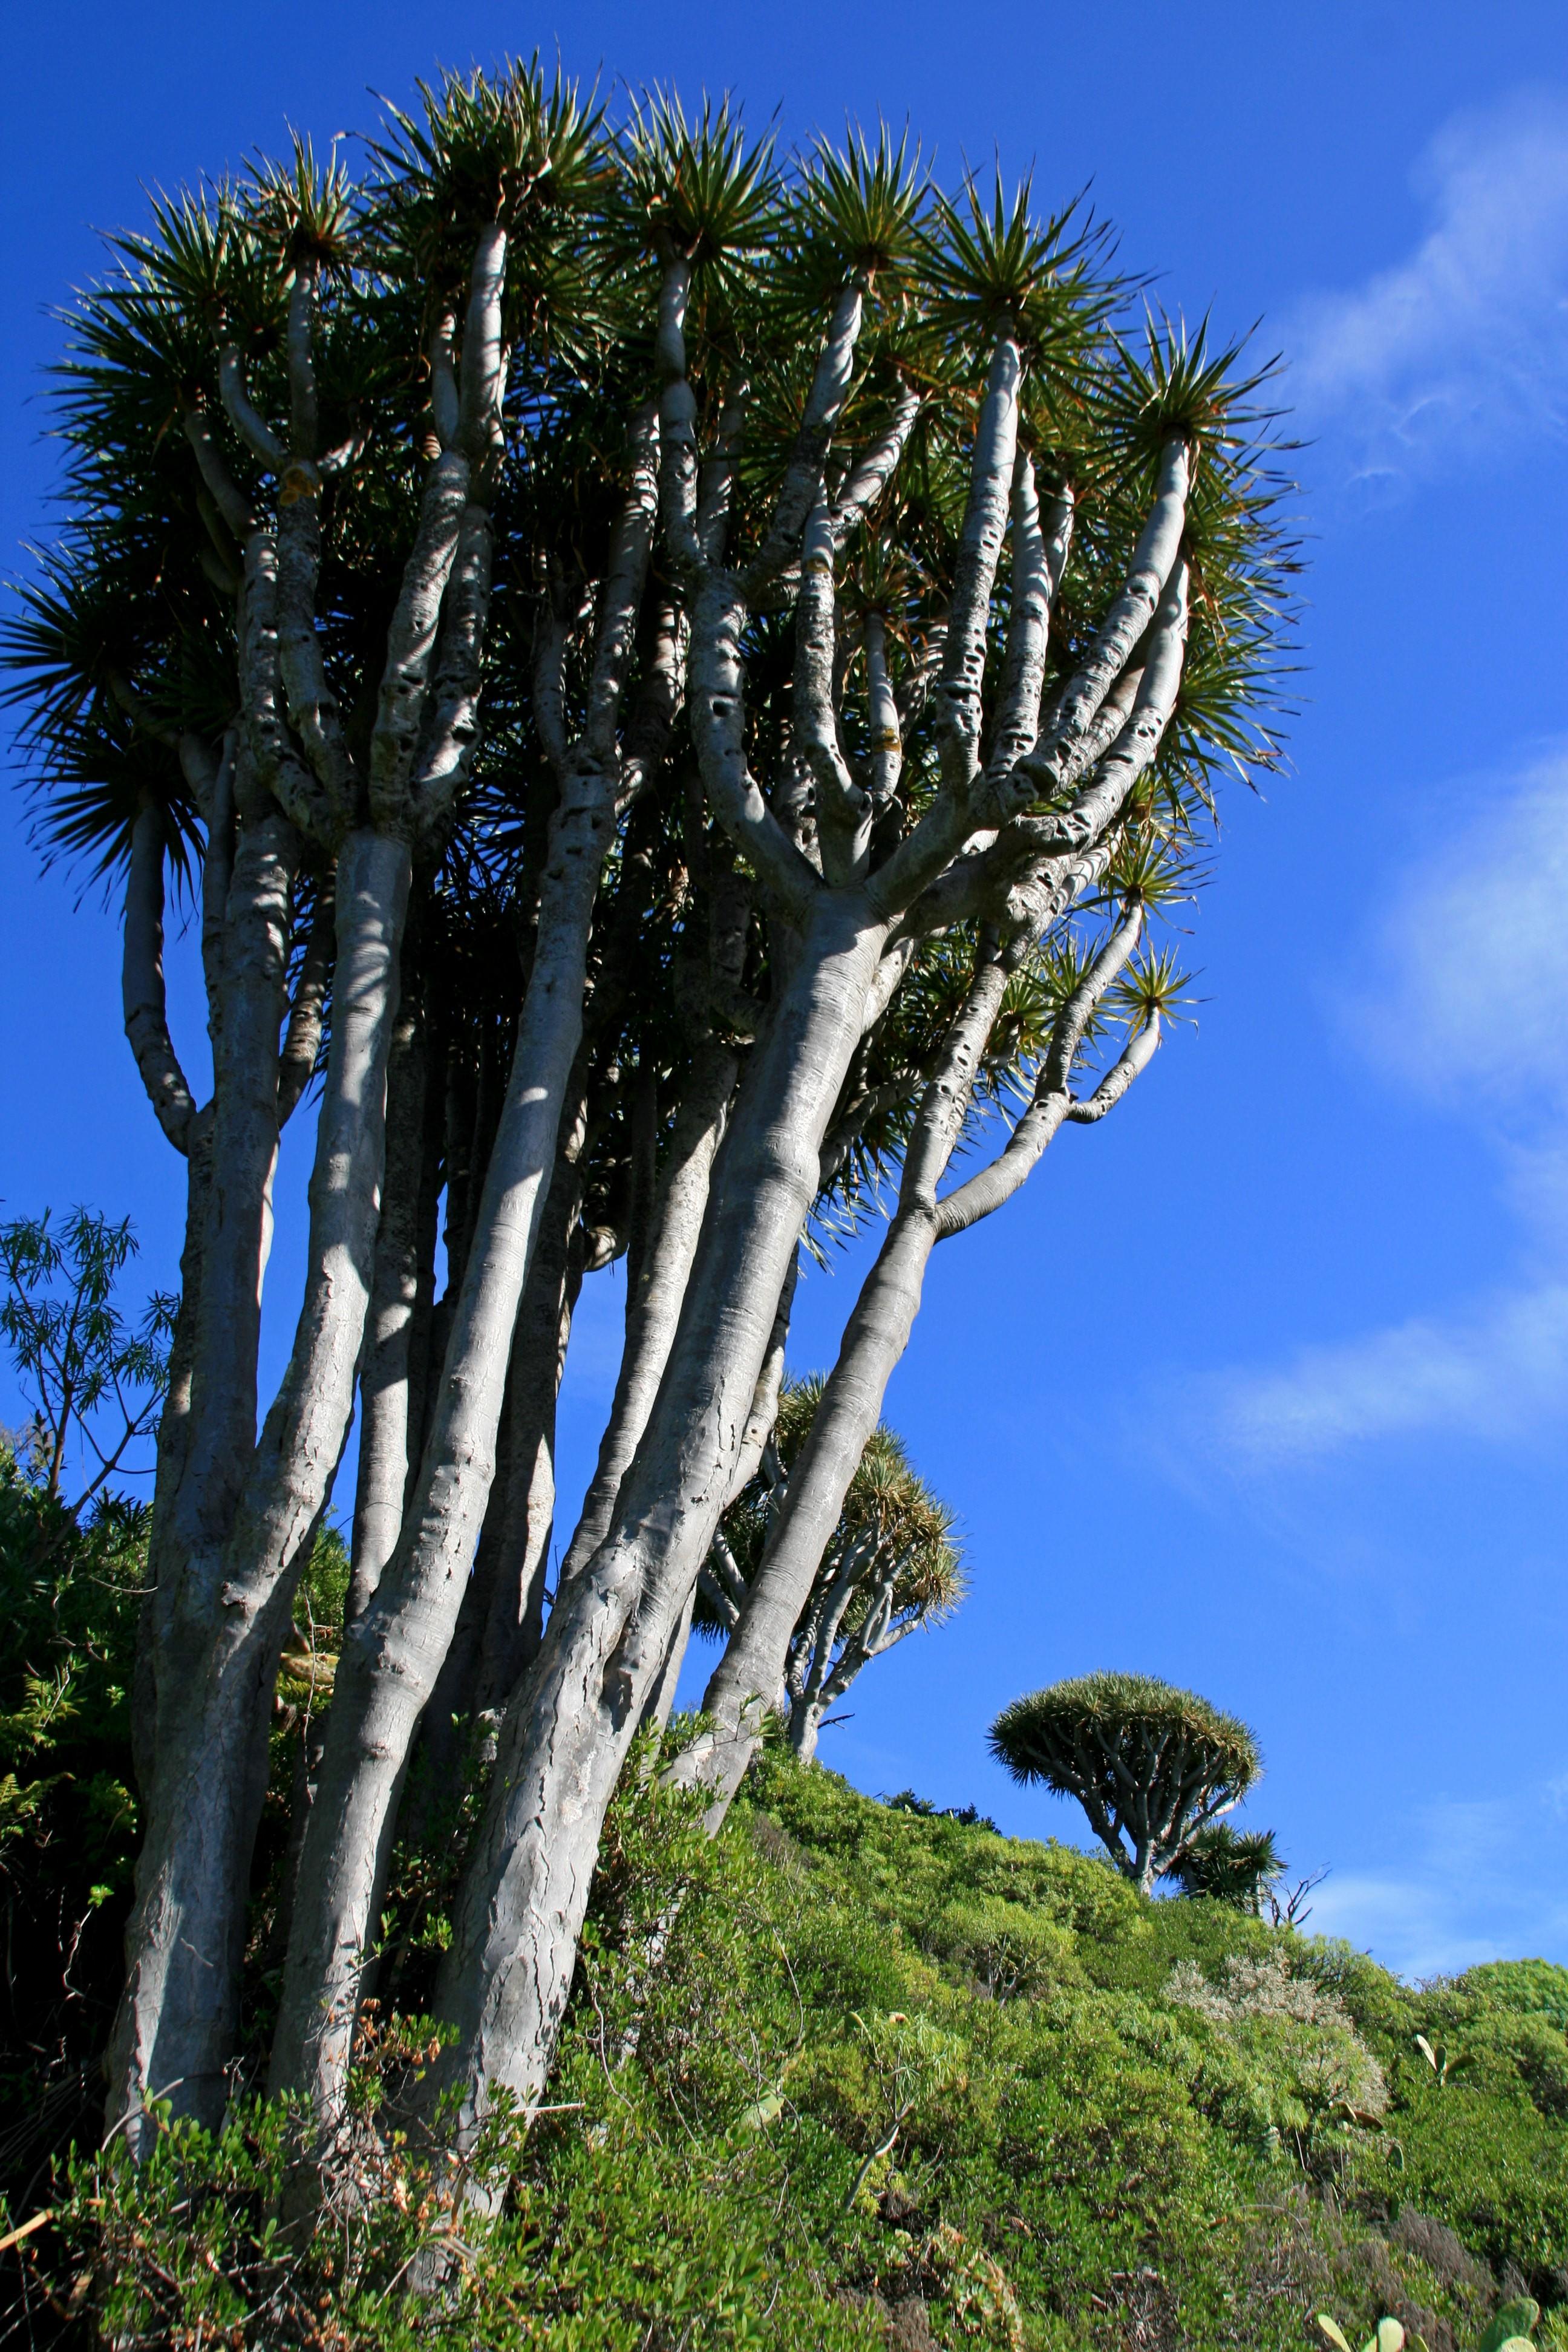 Besuch bei den Drachenbäumen im Paradiesgarten Eden